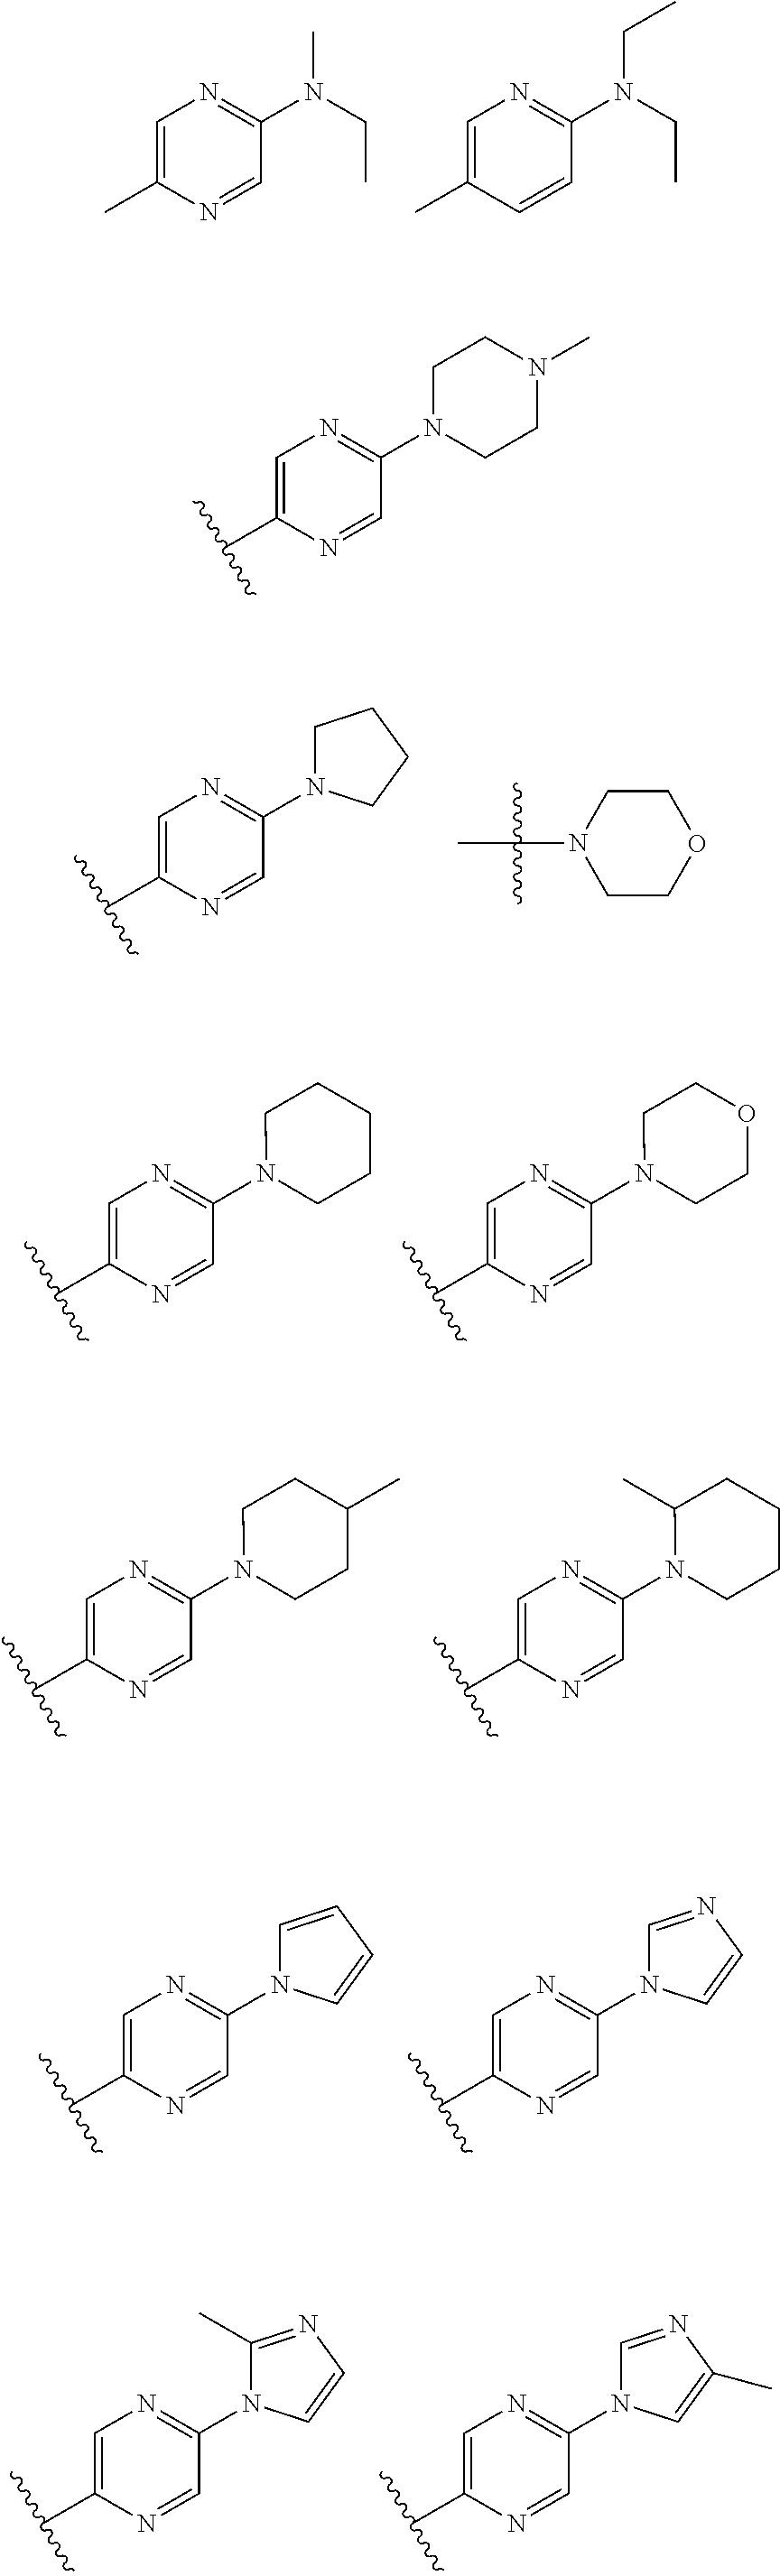 Figure US09216982-20151222-C00025